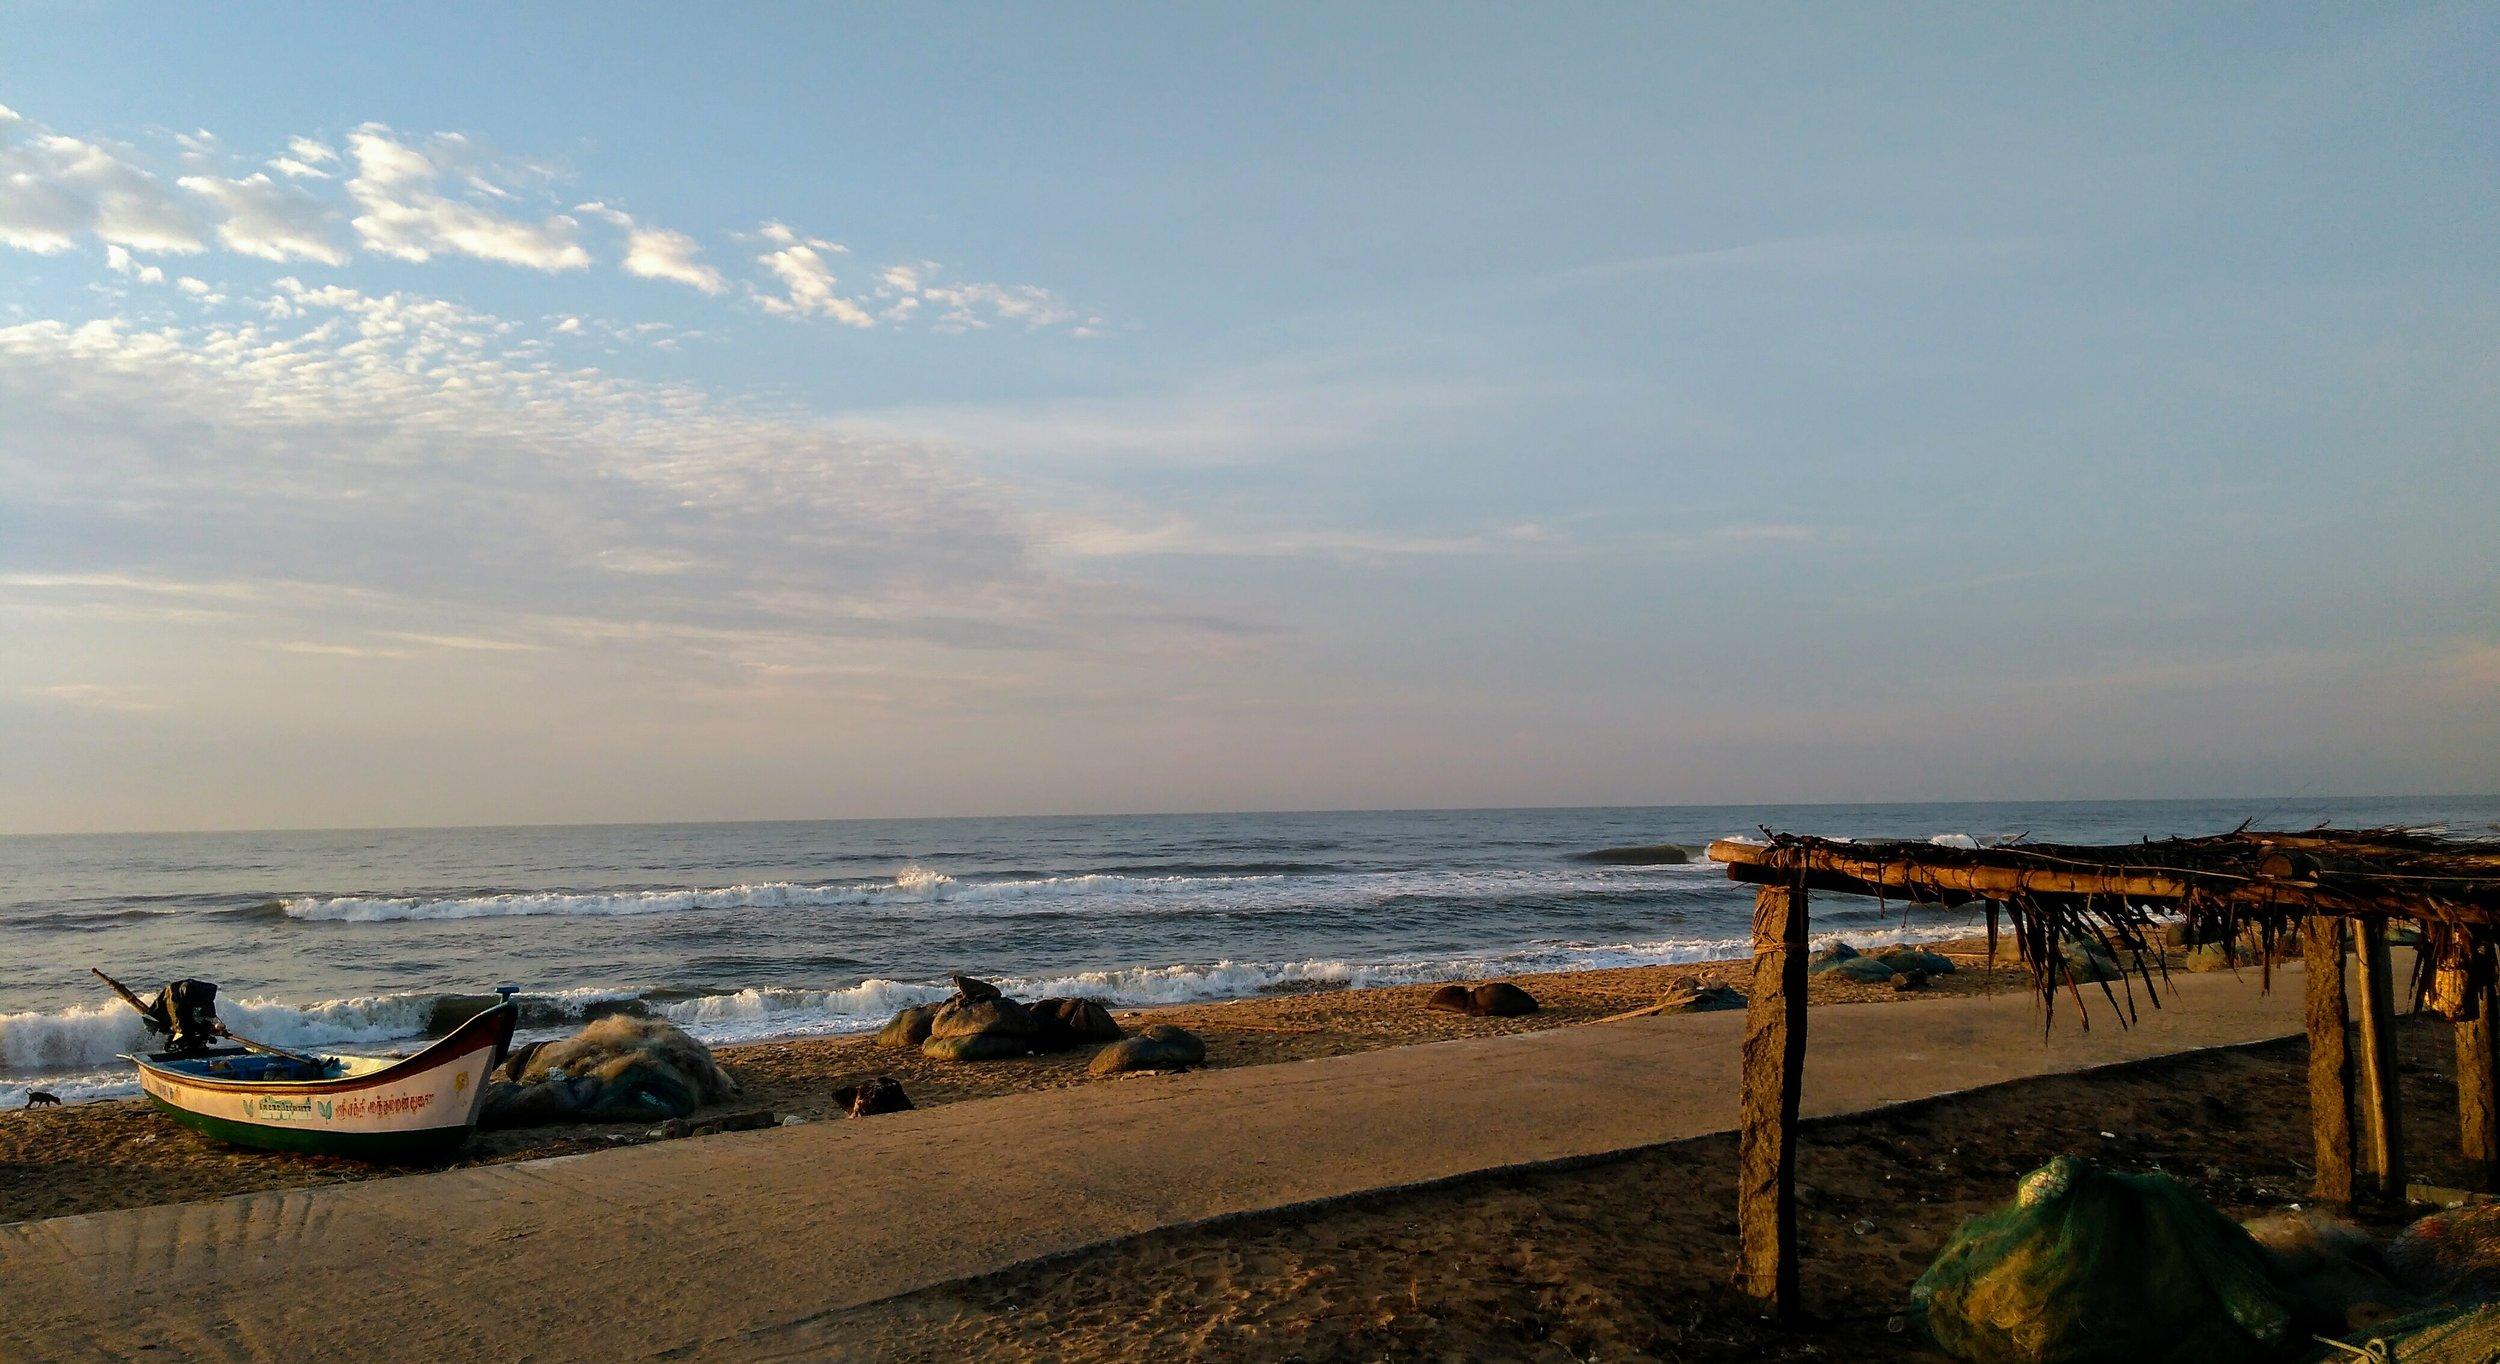 Fisherman_boat_at_Mahabalipuram_beach.jpg